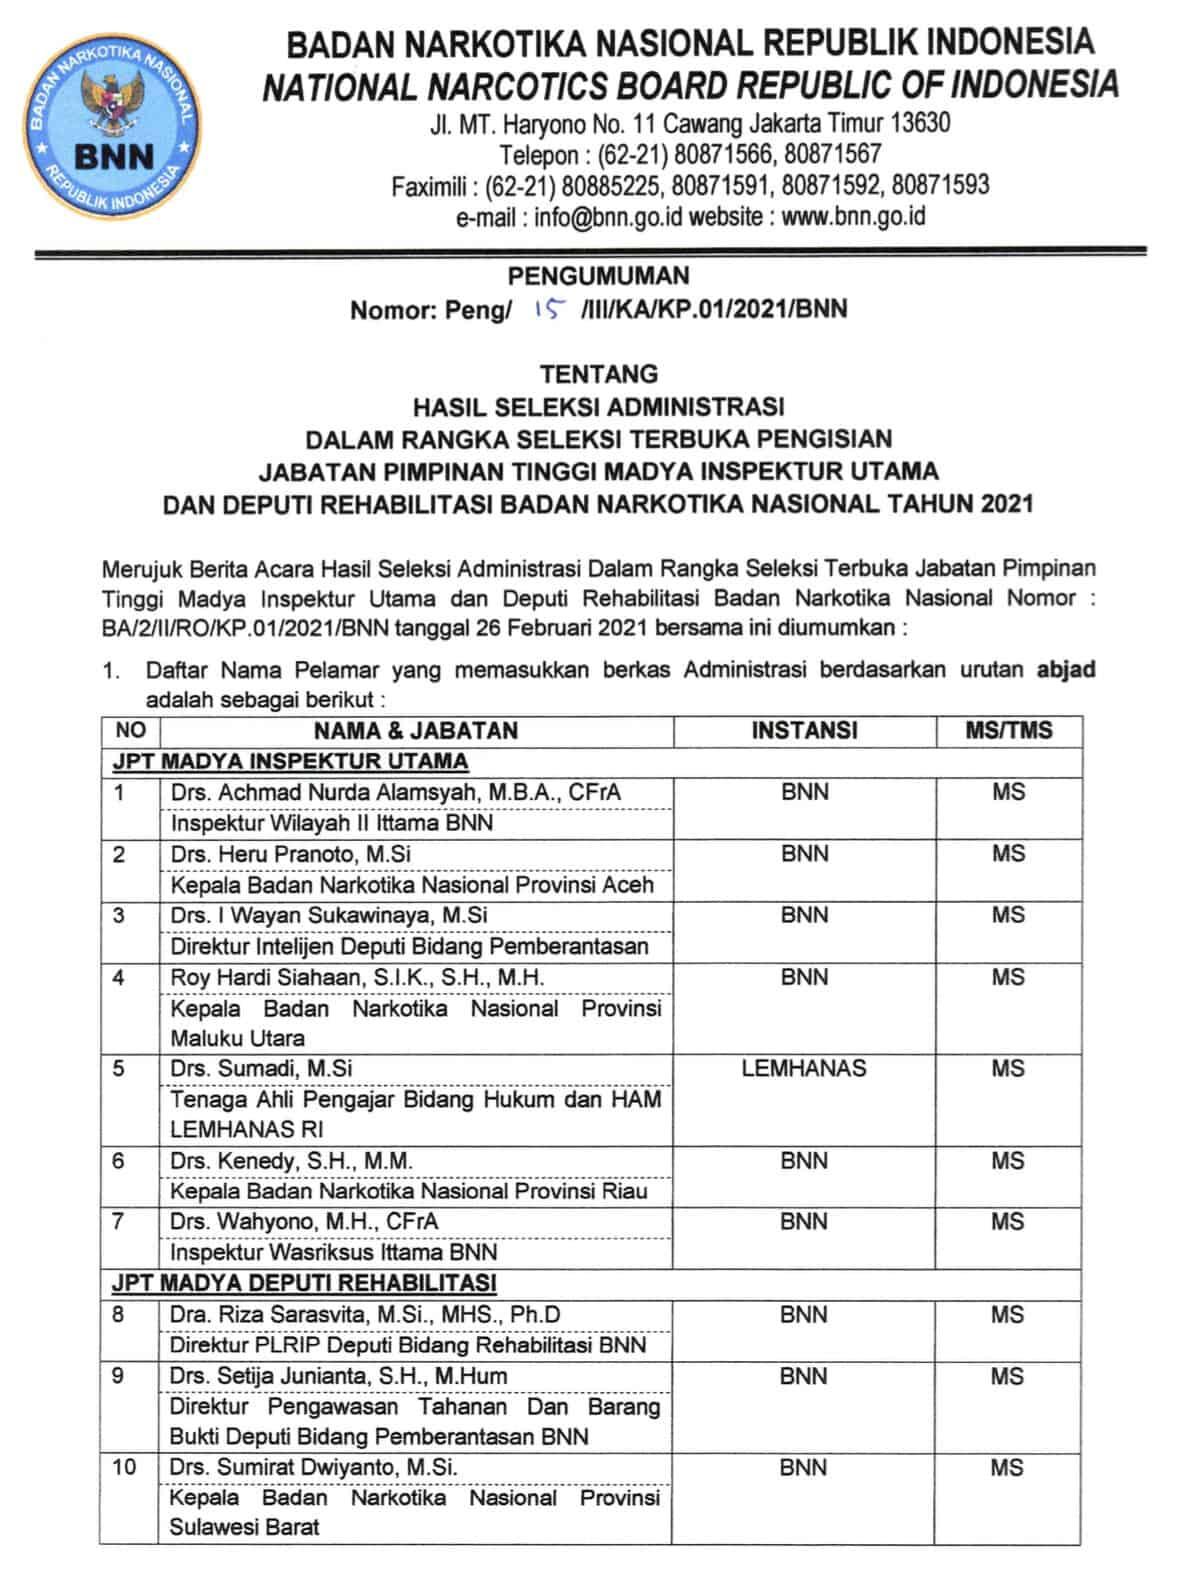 Pengumuman Hasil Seleksi Administrasi Inspektur Utama dan Deputi Rehabilitasi